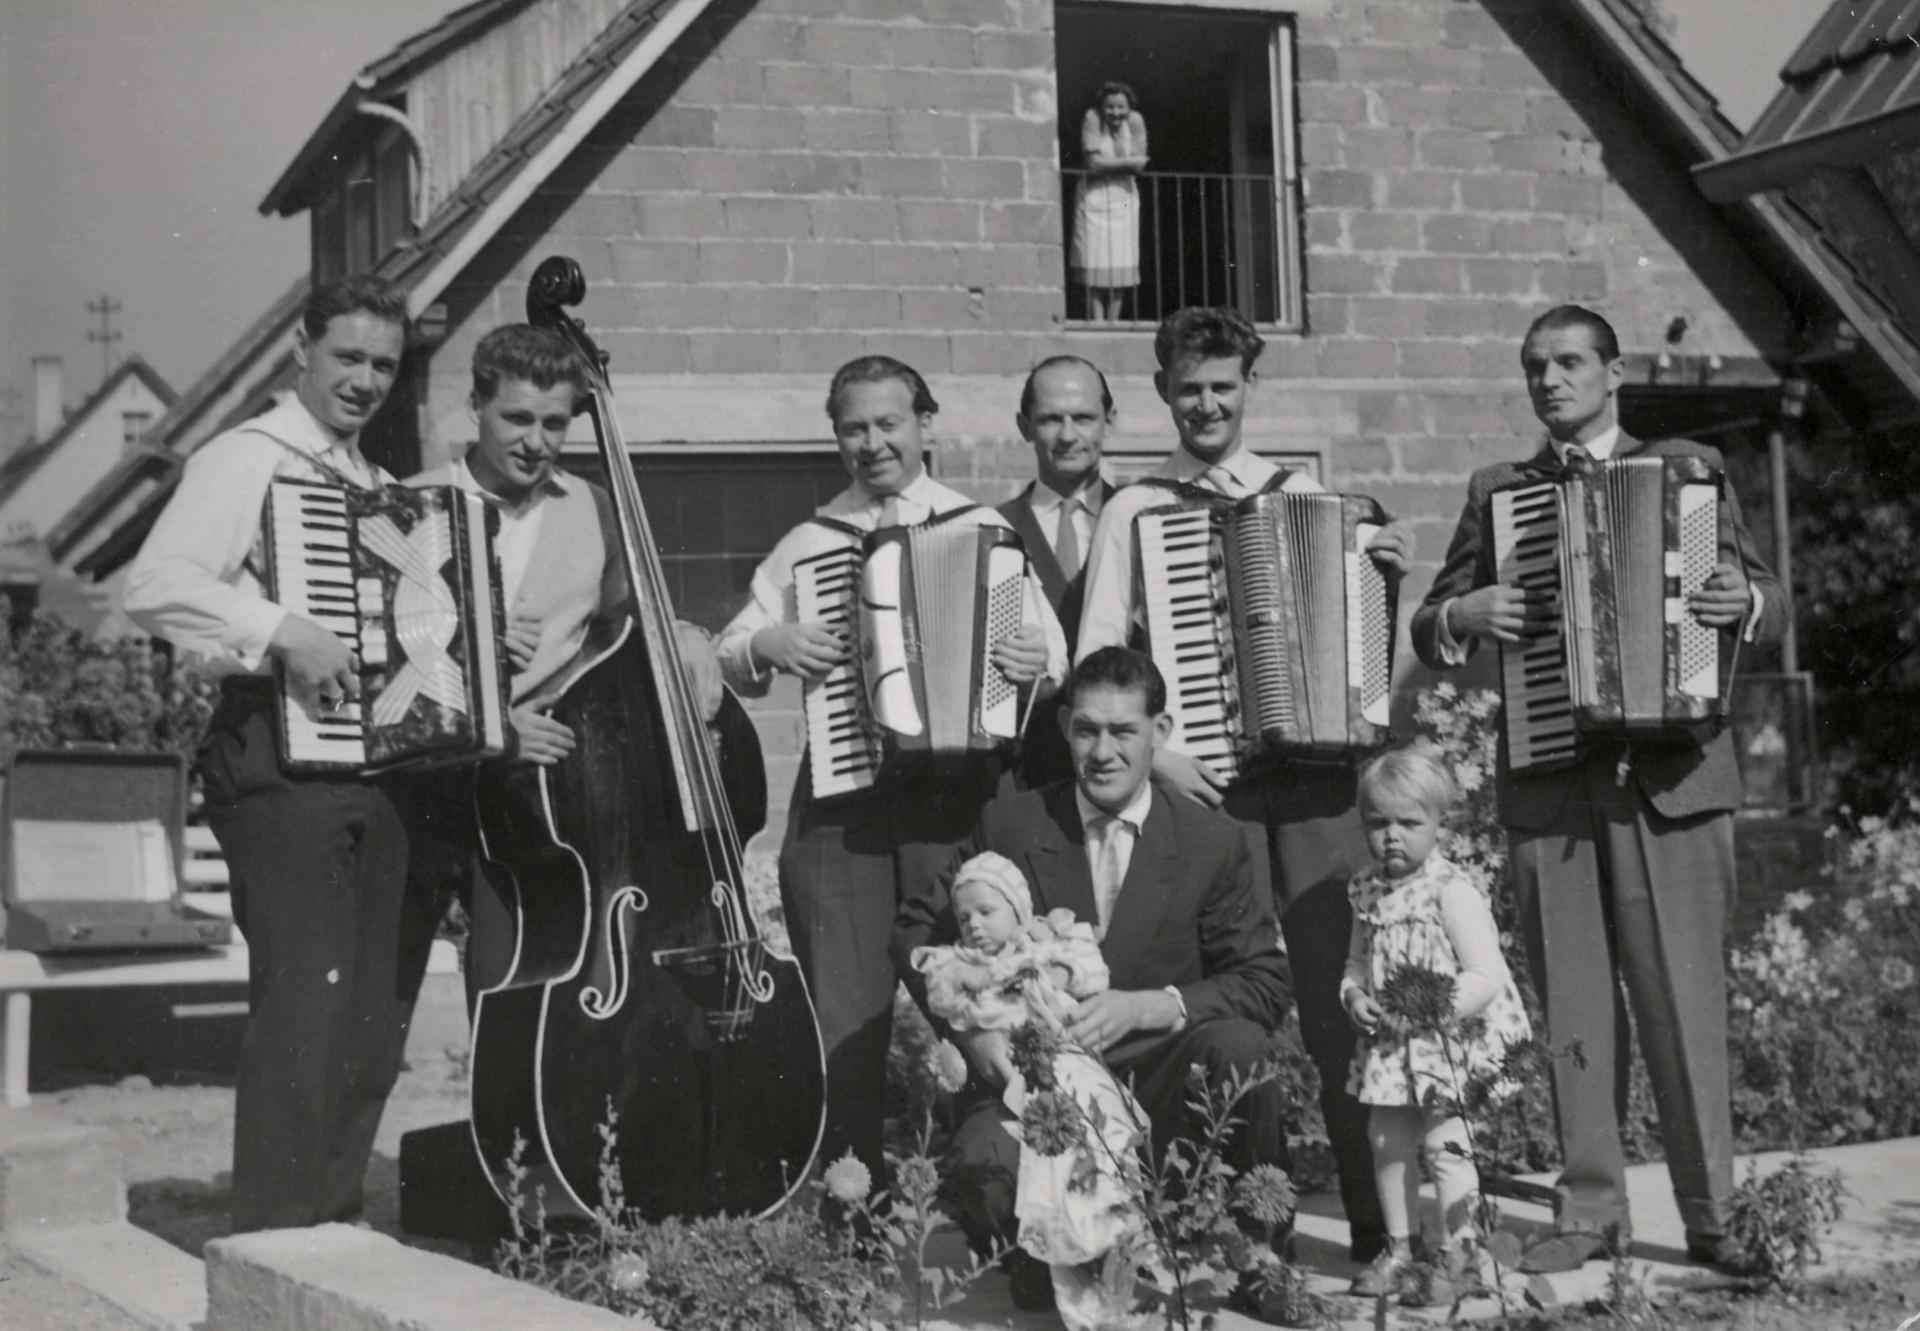 Gründungsmitglieder - v.l. Ernst Großmann, Kurt Mettler, Gerhard Stump, Hermann Treiber, Albert Genthner, Karl Eitel (Dirigent), Kurt Treiber (kniend)